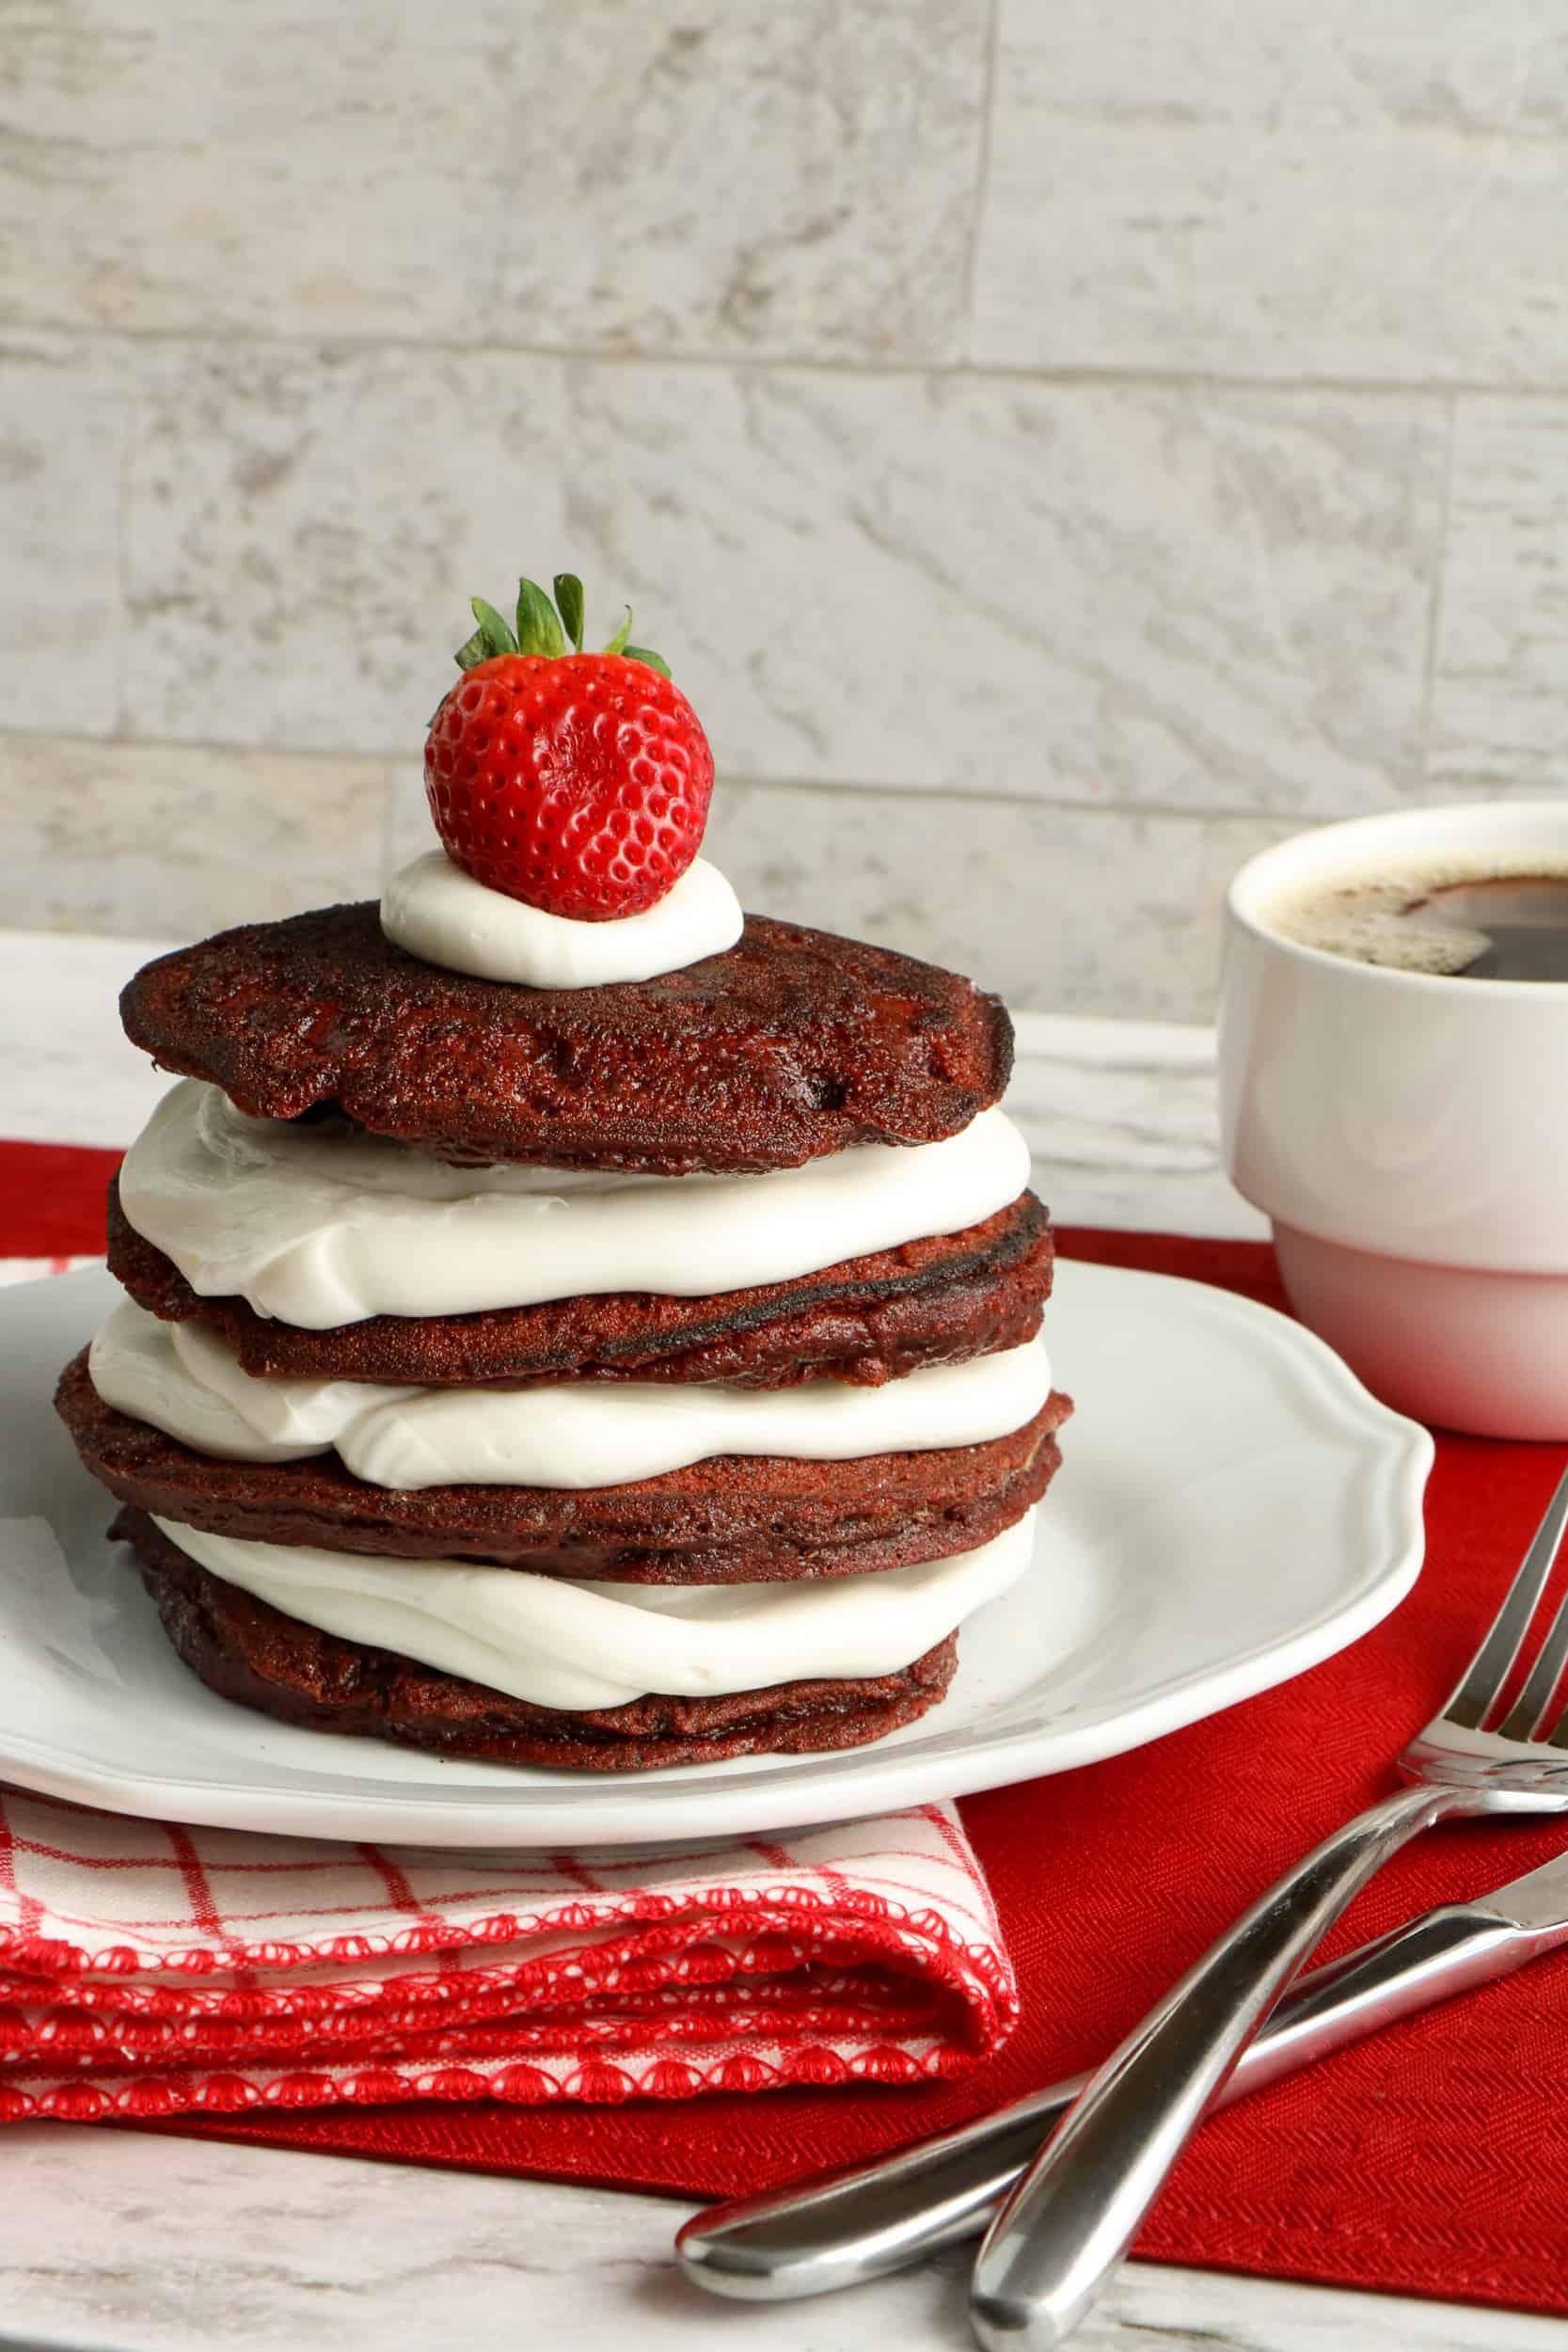 red velvet pancakes on plate